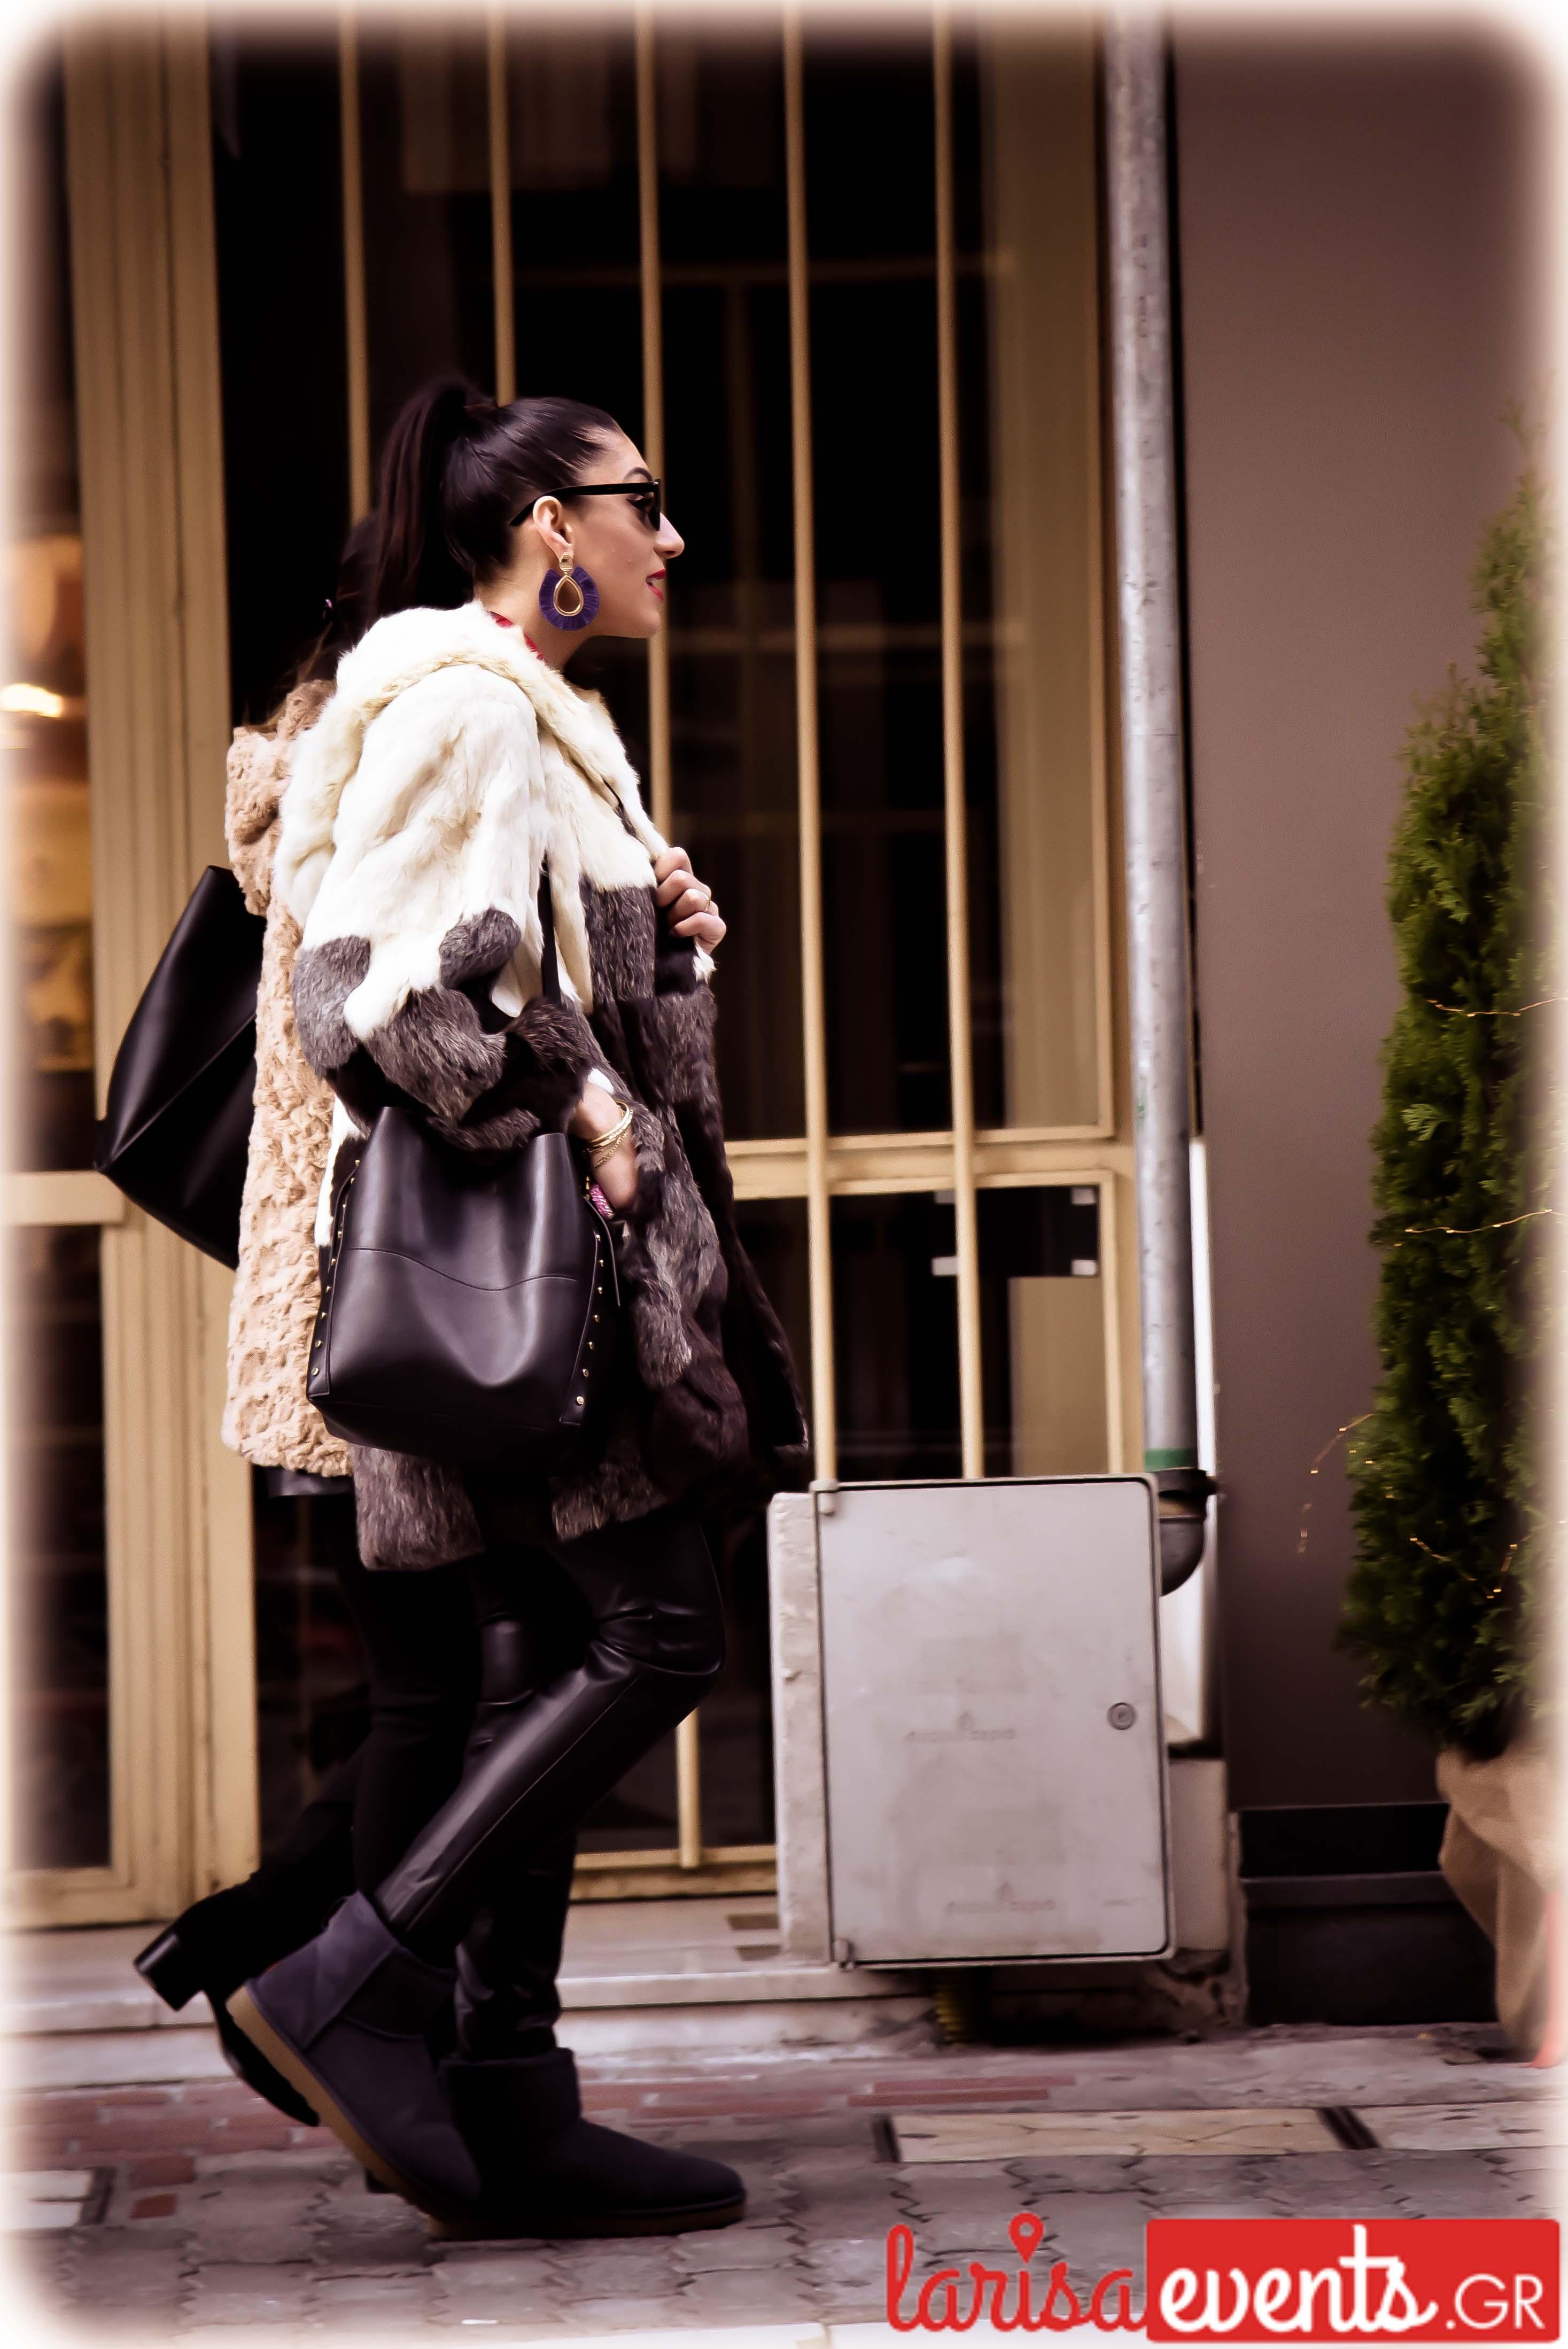 LAZ 4865 - Το fashion κομμάτι που προτίμησαν περισσότερο απ' όλα οι Λαρισαίες φέτος!